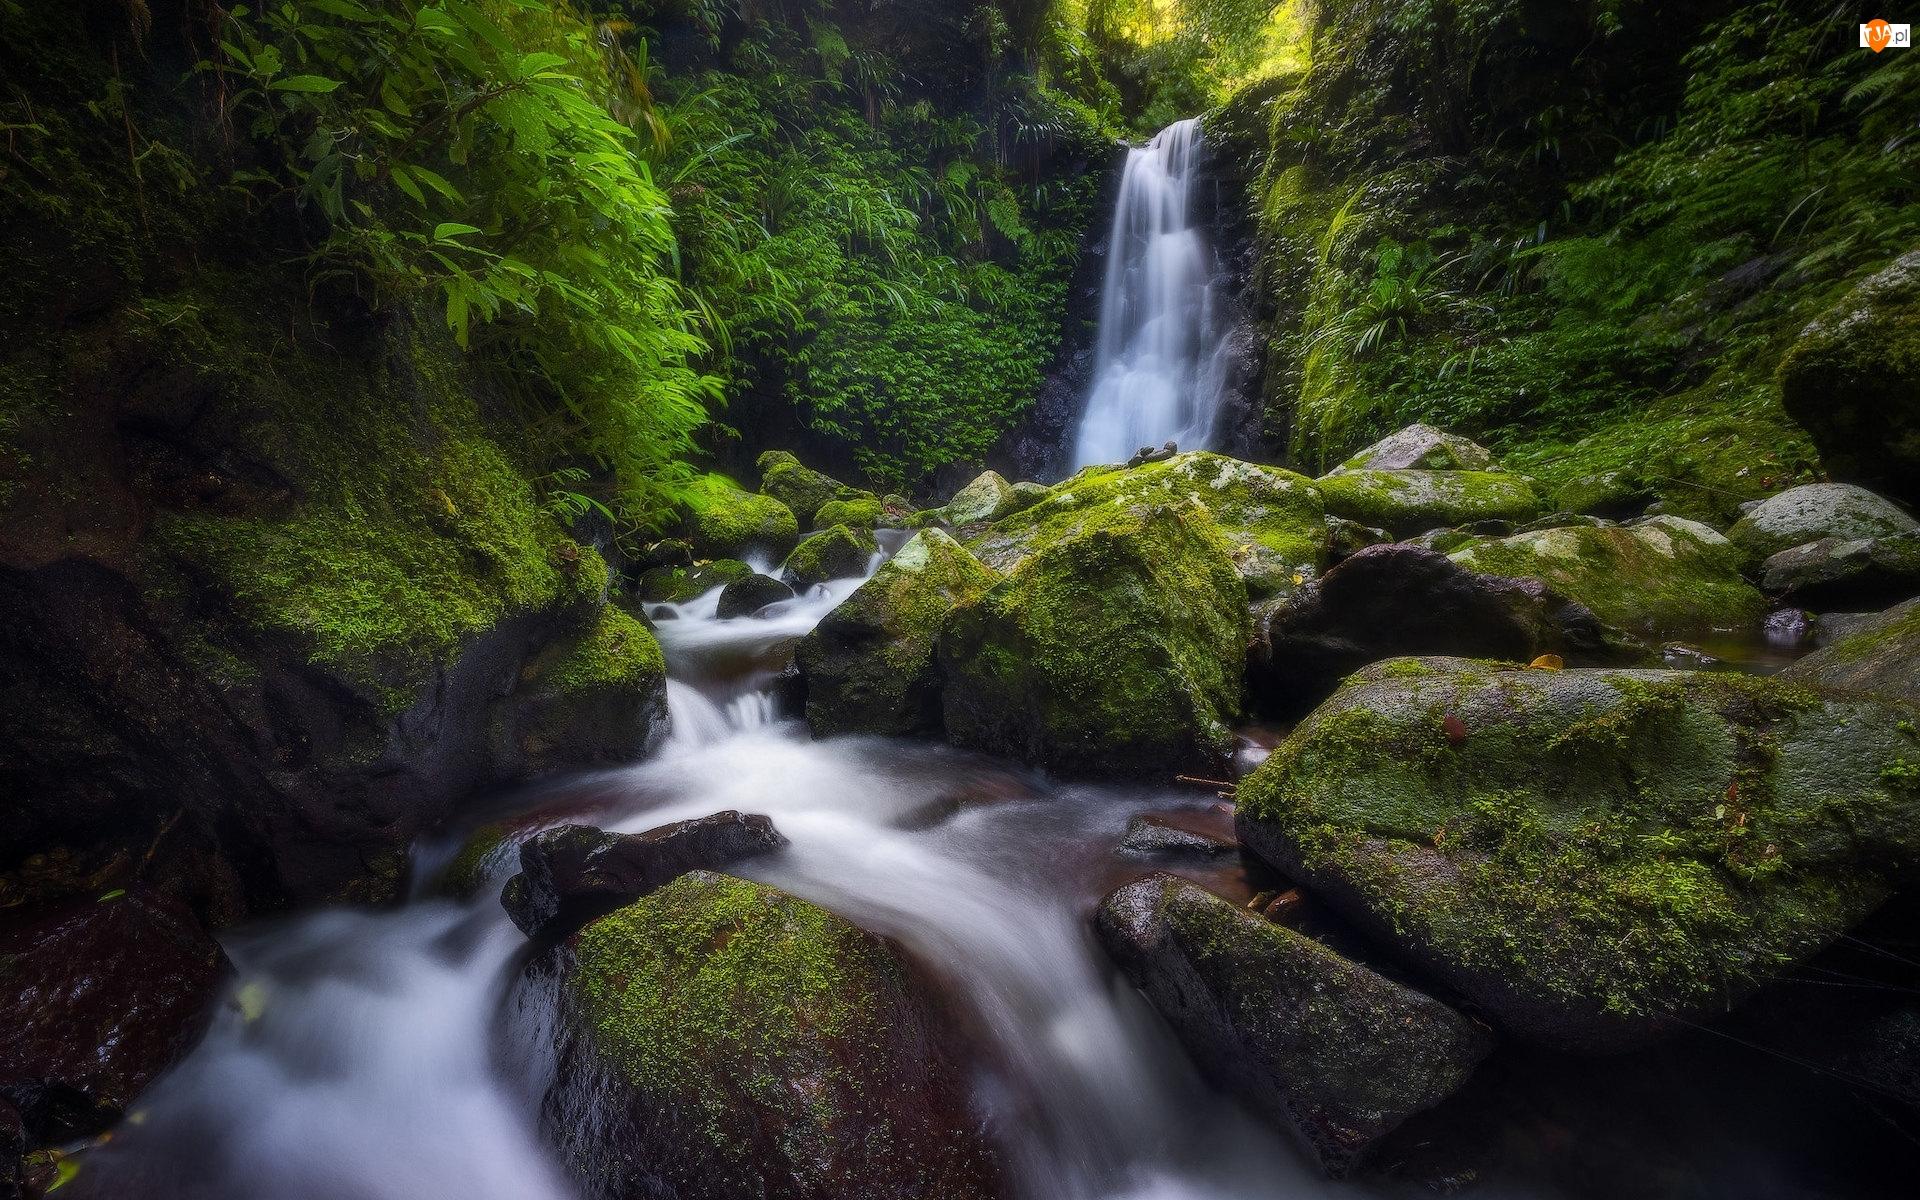 Omszałe, Toolona Creek, Park Narodowy Lamington, Rzeka, Queensland, Australia, Wodospad, Las, Gwongurai Falls, Kamienie